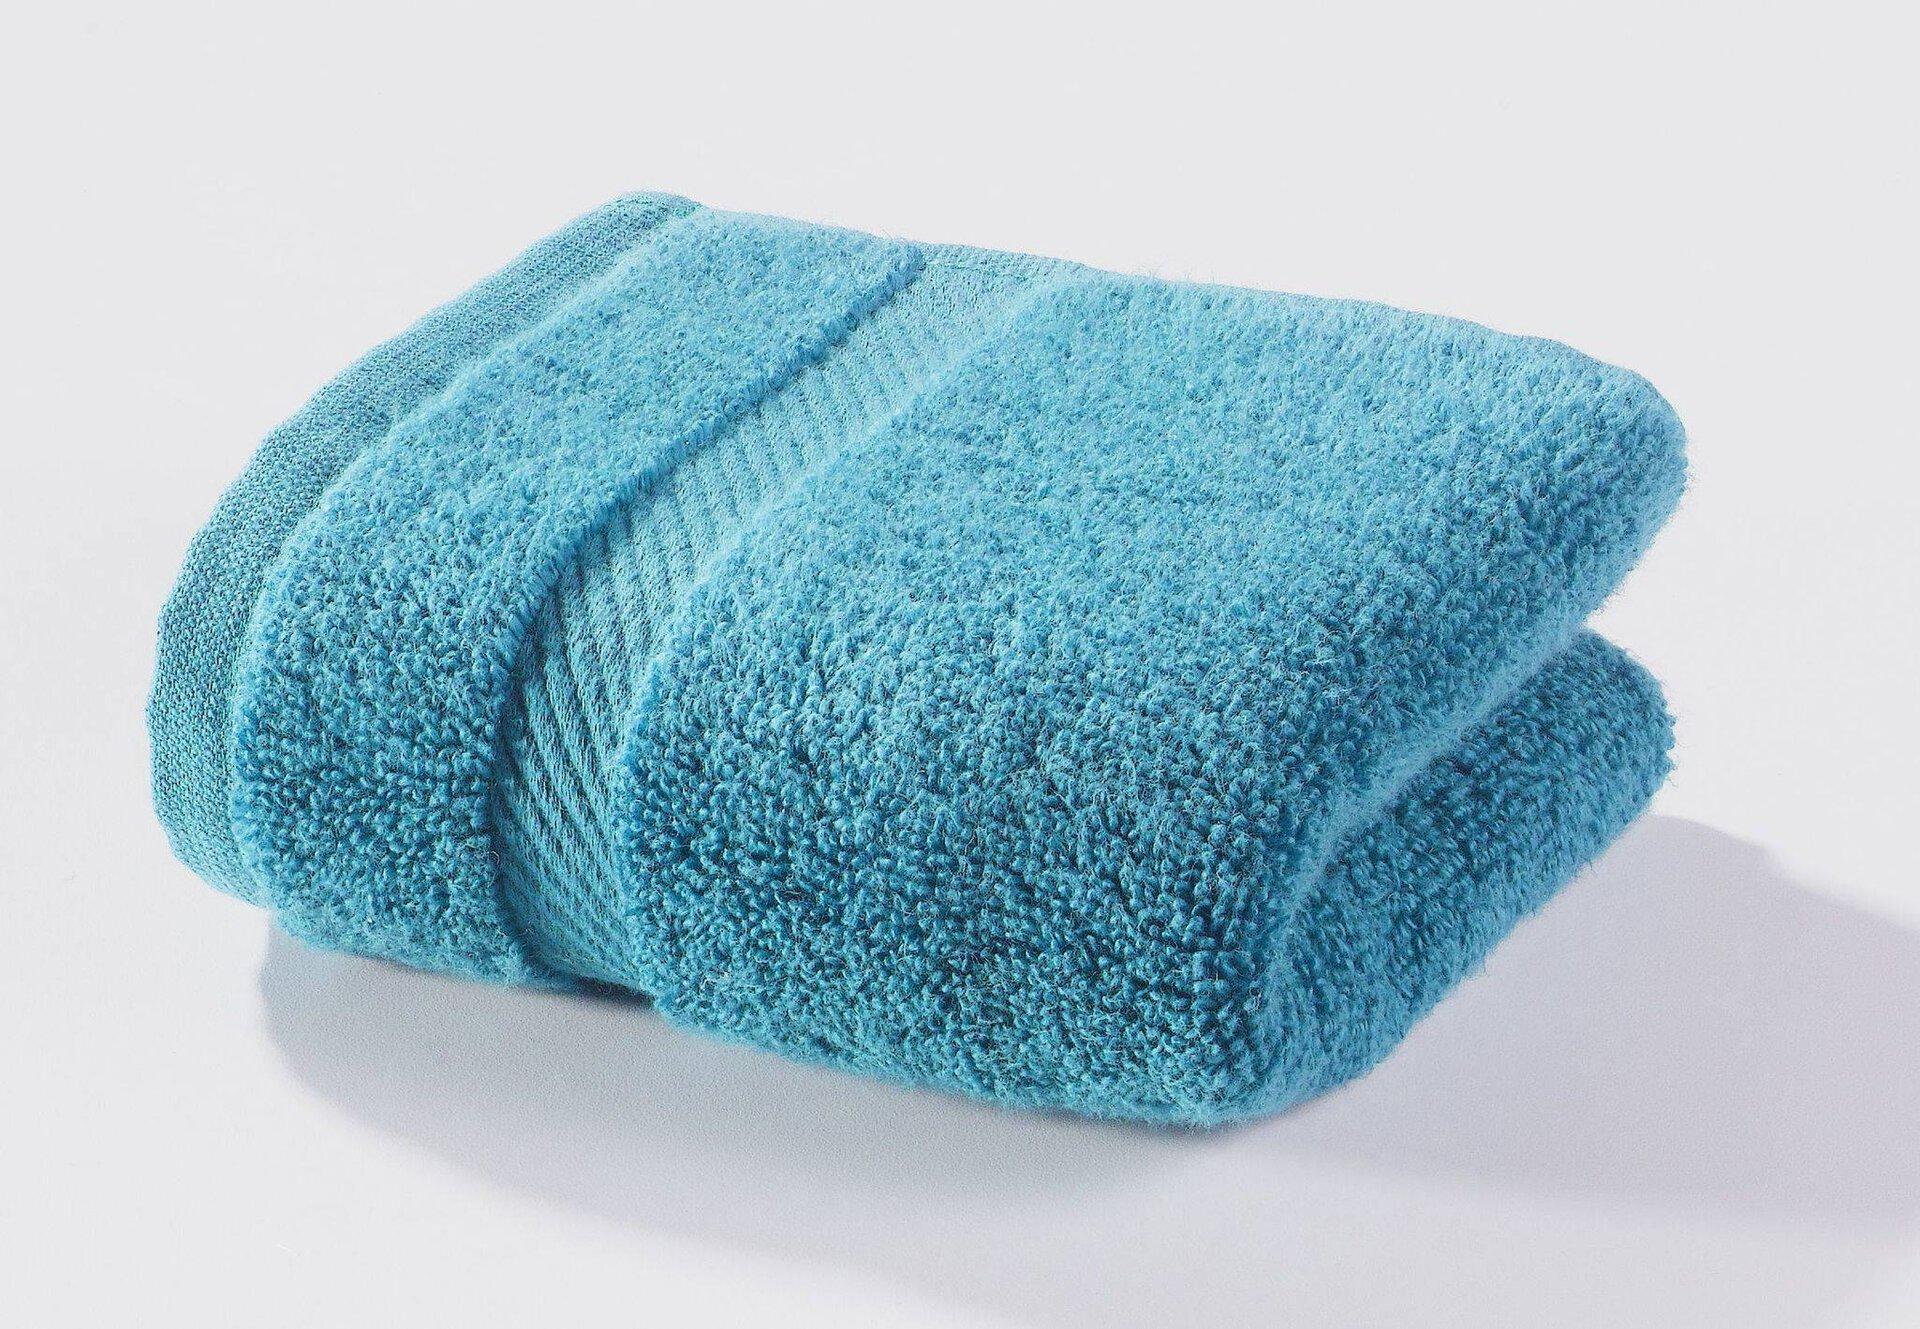 Gästetuch Micro Baumwolle Casa Nova Textil Blau 30 x 50 cm